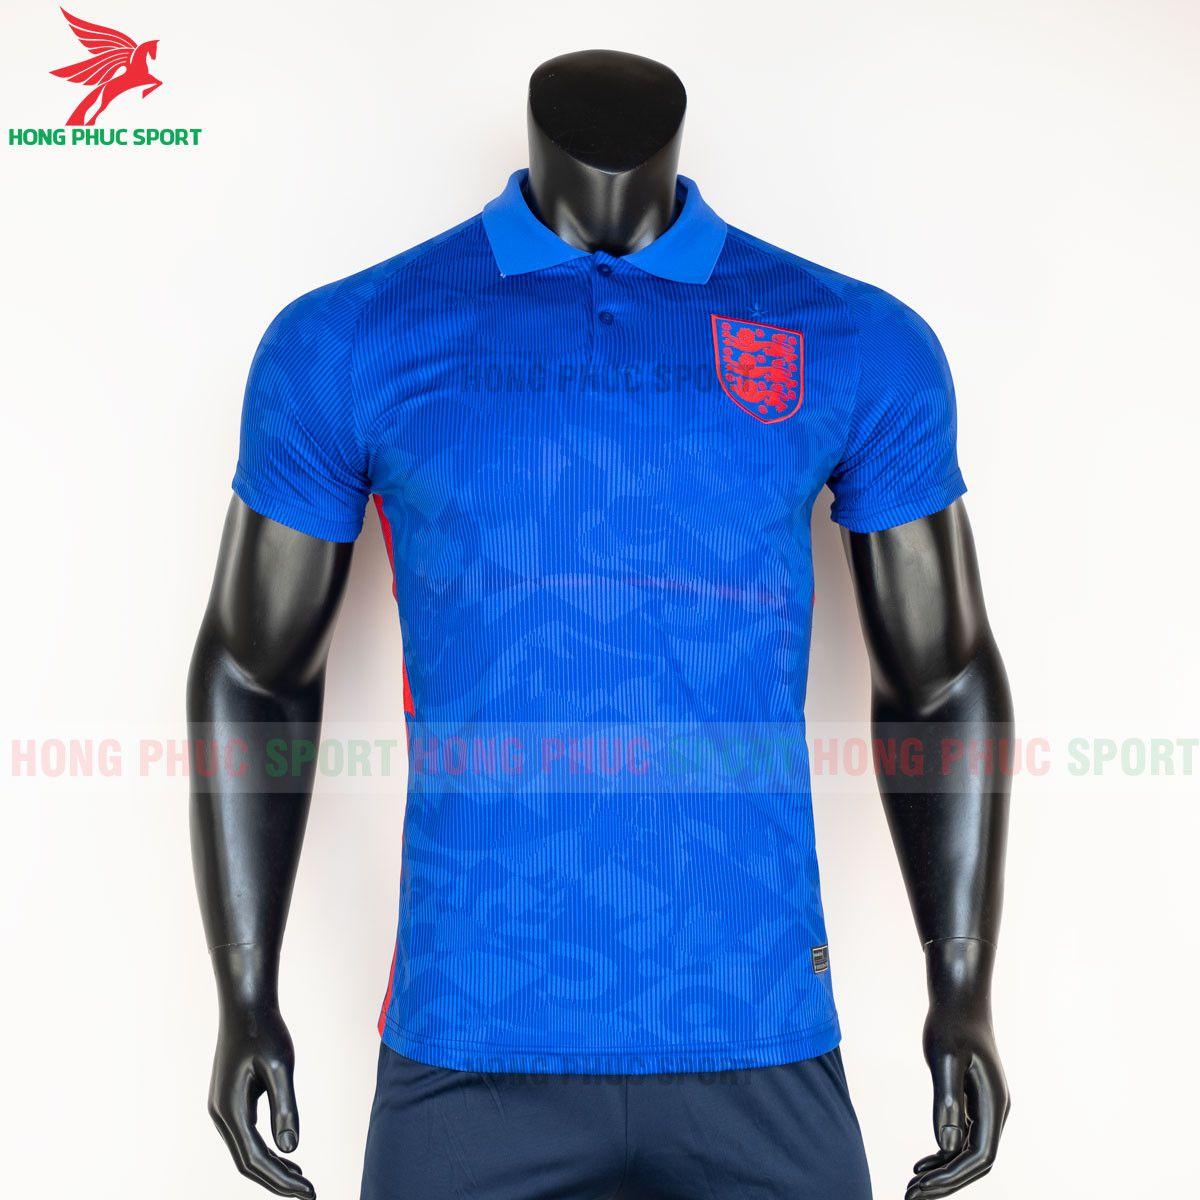 https://cdn.hongphucsport.com/unsafe/s4.shopbay.vn/files/285/ao-bong-da-tuyen-anh-2021-san-khach-hang-thai-1-60d2f986427c8.jpg